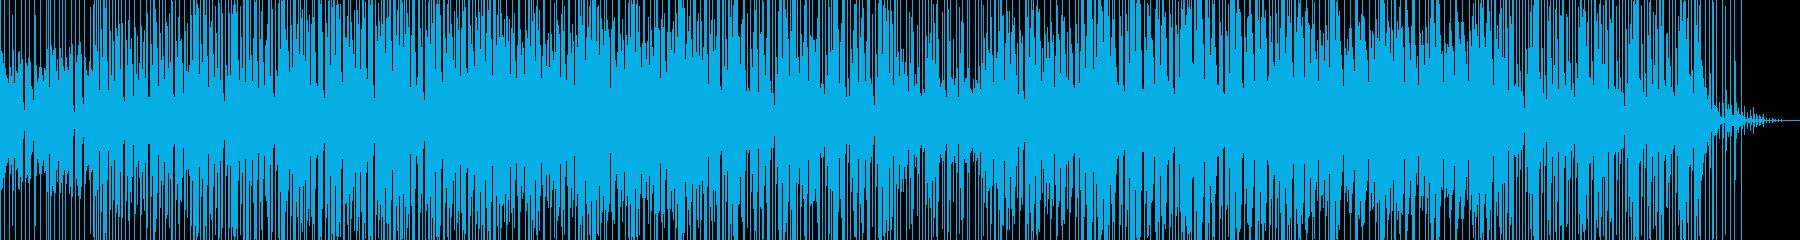 コミカルでほのぼのしたイメージのBGMの再生済みの波形